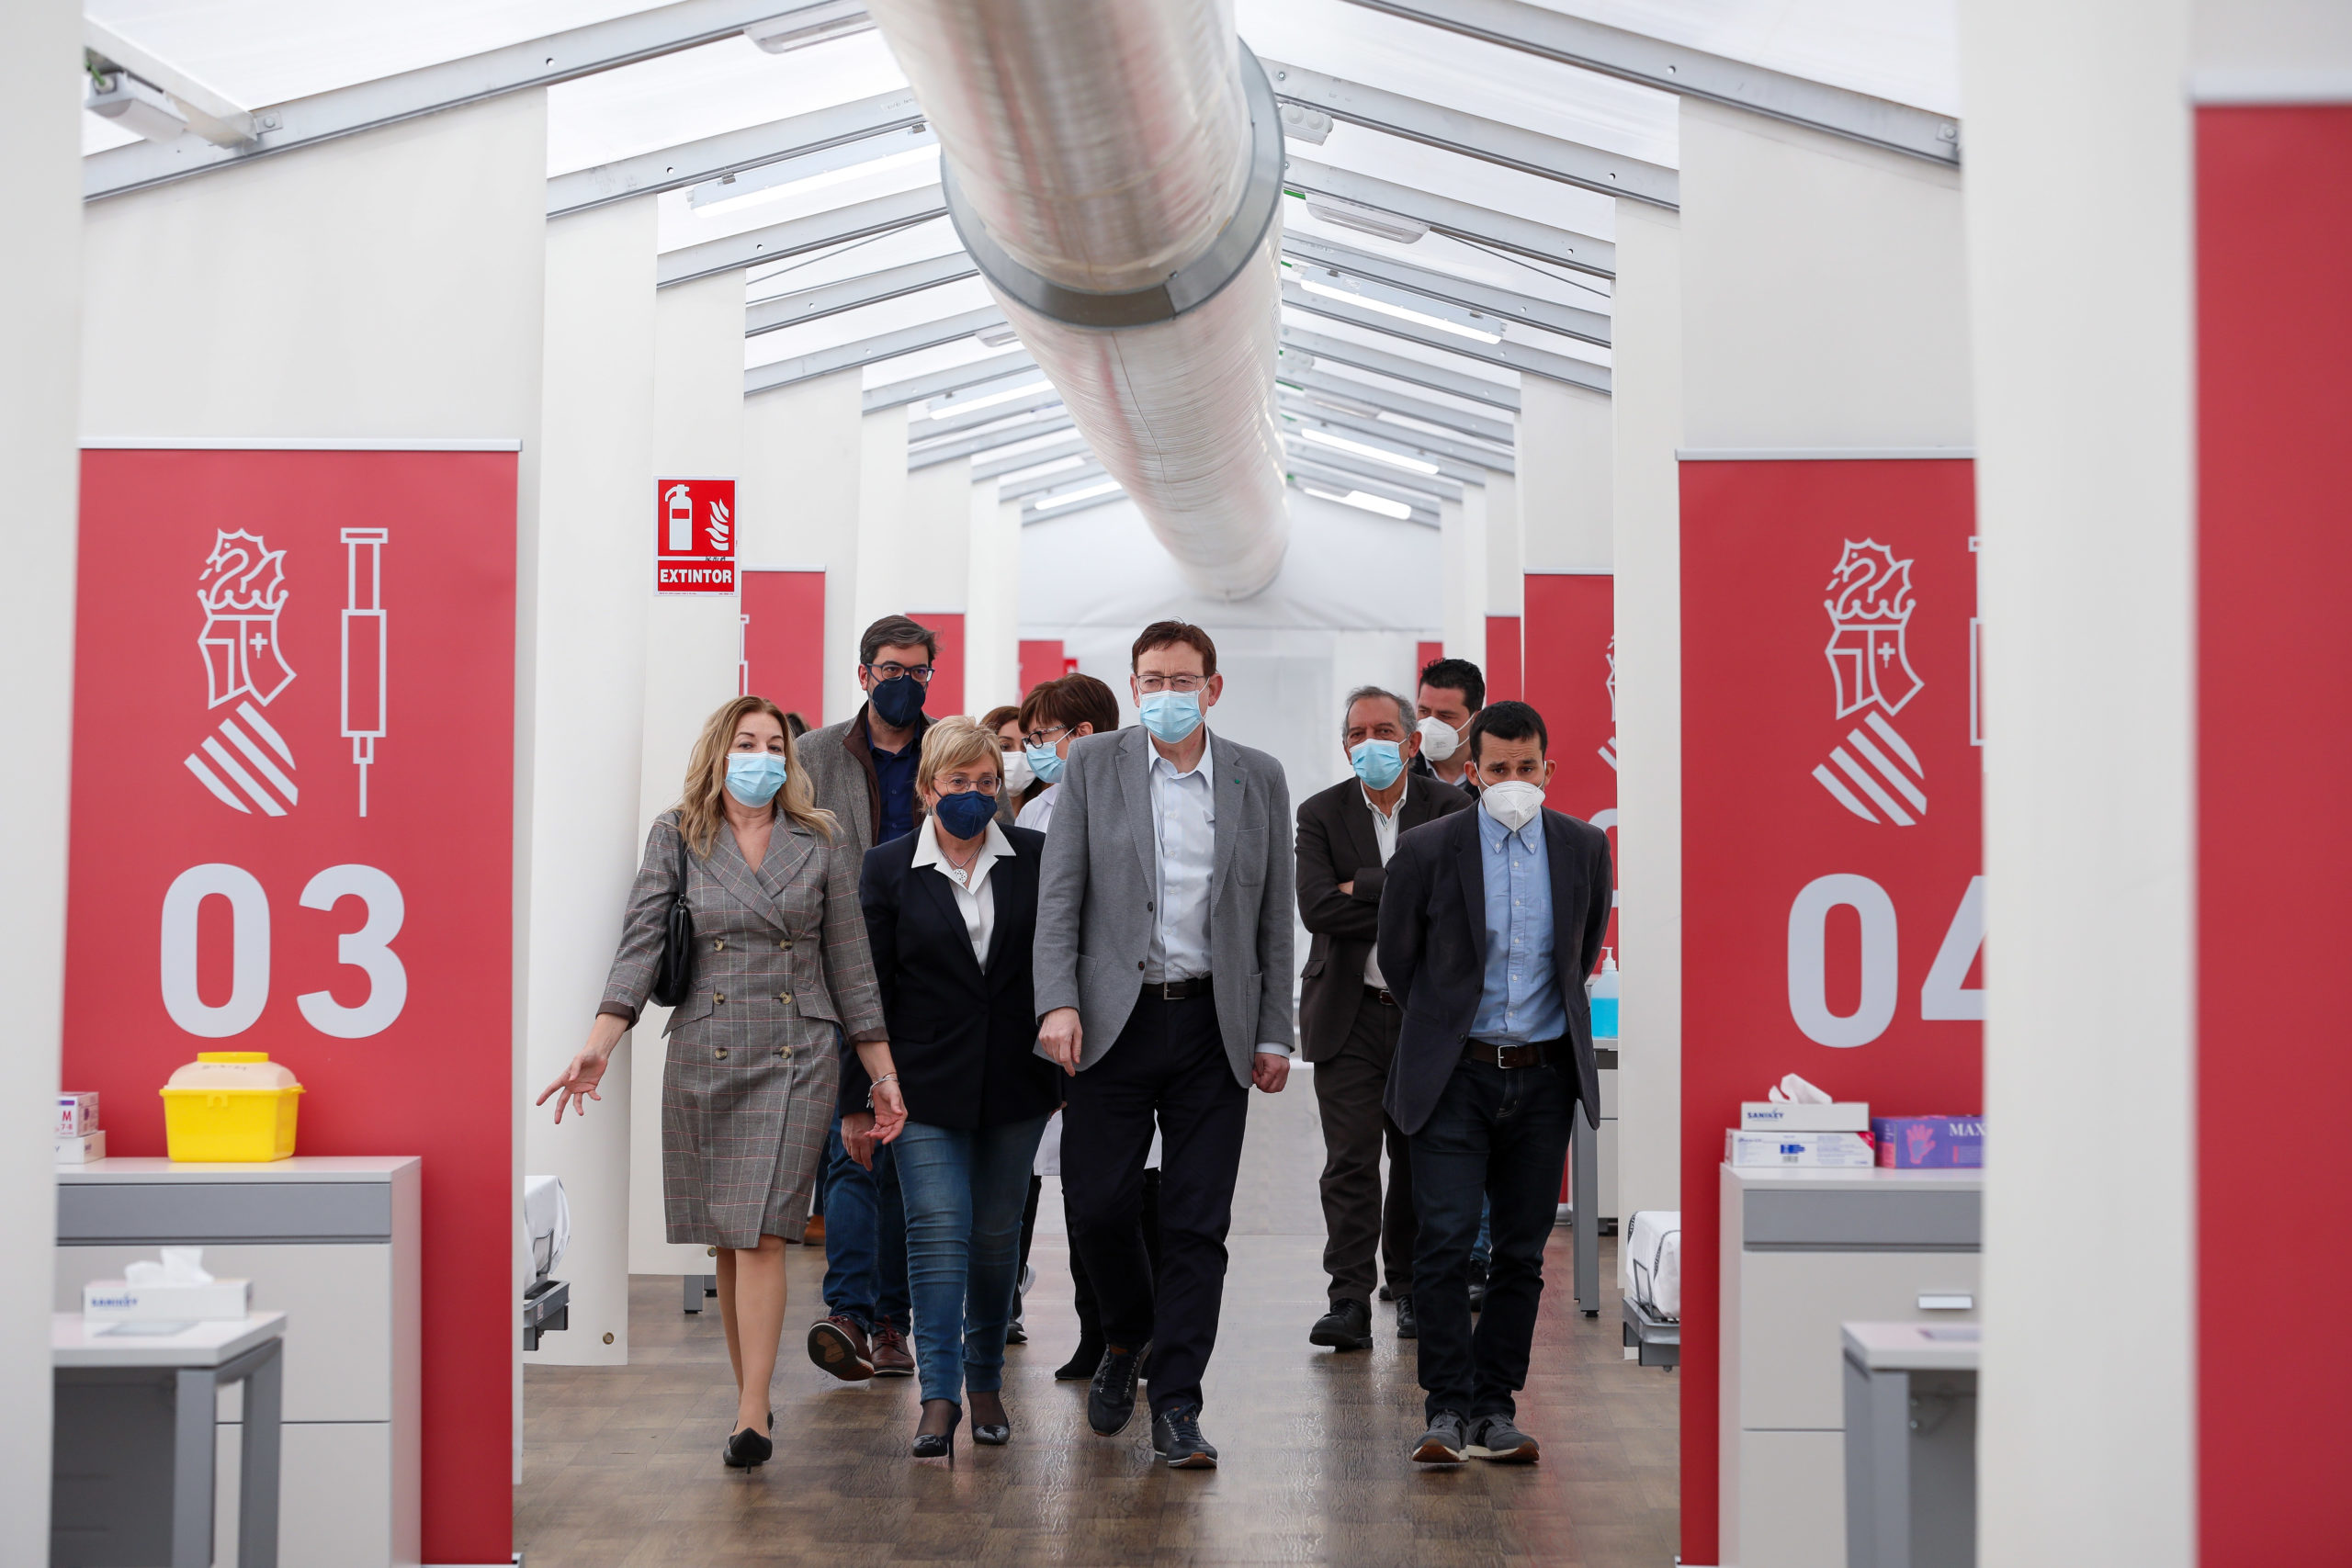 Ximo Puig avanza la apertura de una «nueva etapa de apertura progresiva» a partir del próximo lunes con la vacunación del 90% de la población